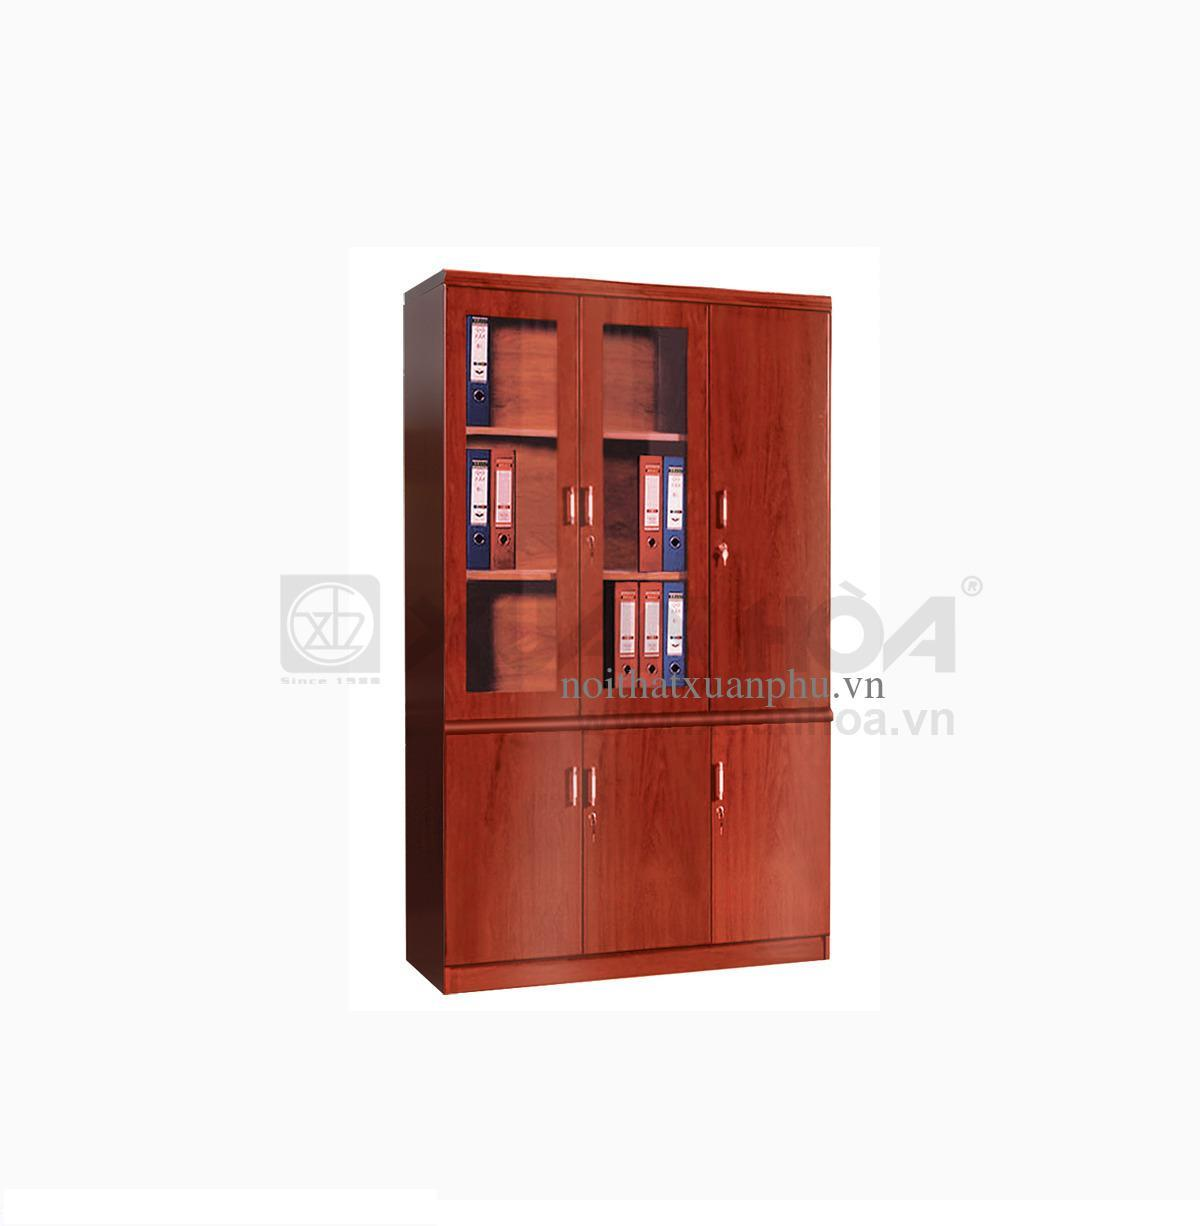 Tủ gỗ sơn TGD-03-00-PU